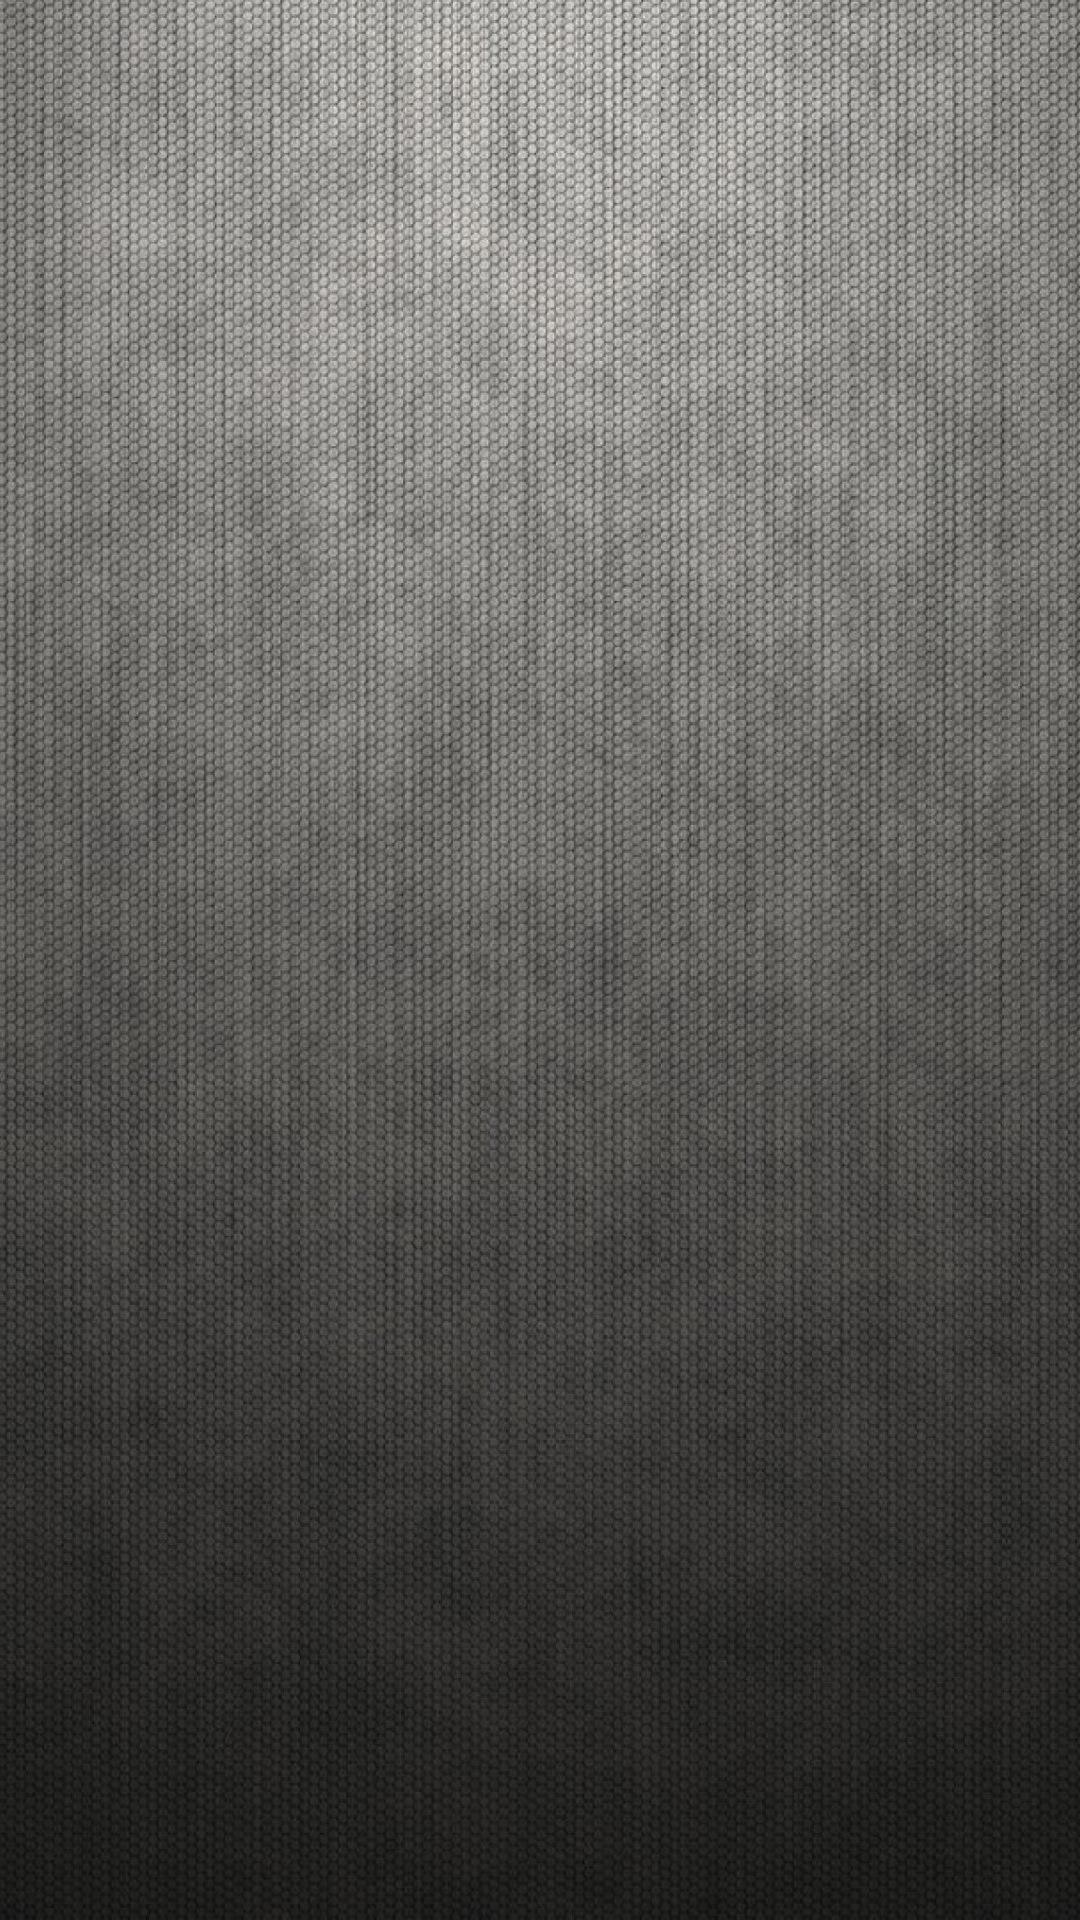 LINEトークの背景画像・壁紙に使える画像